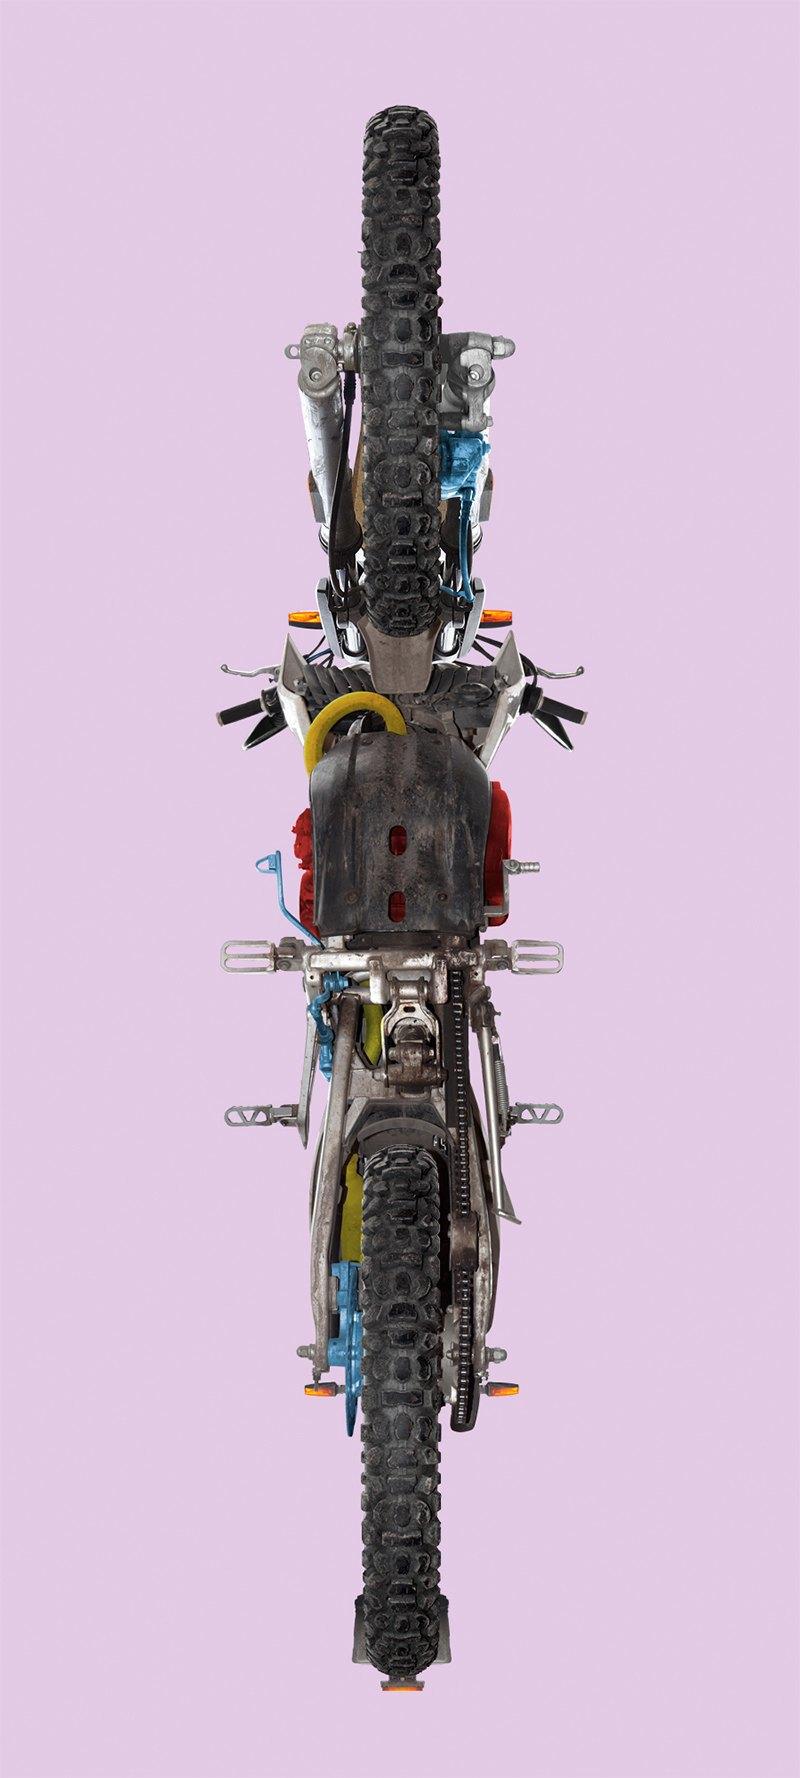 «Городские насекомые»: Средства передвижения, снятые с необычного ракурса. Изображение № 8.